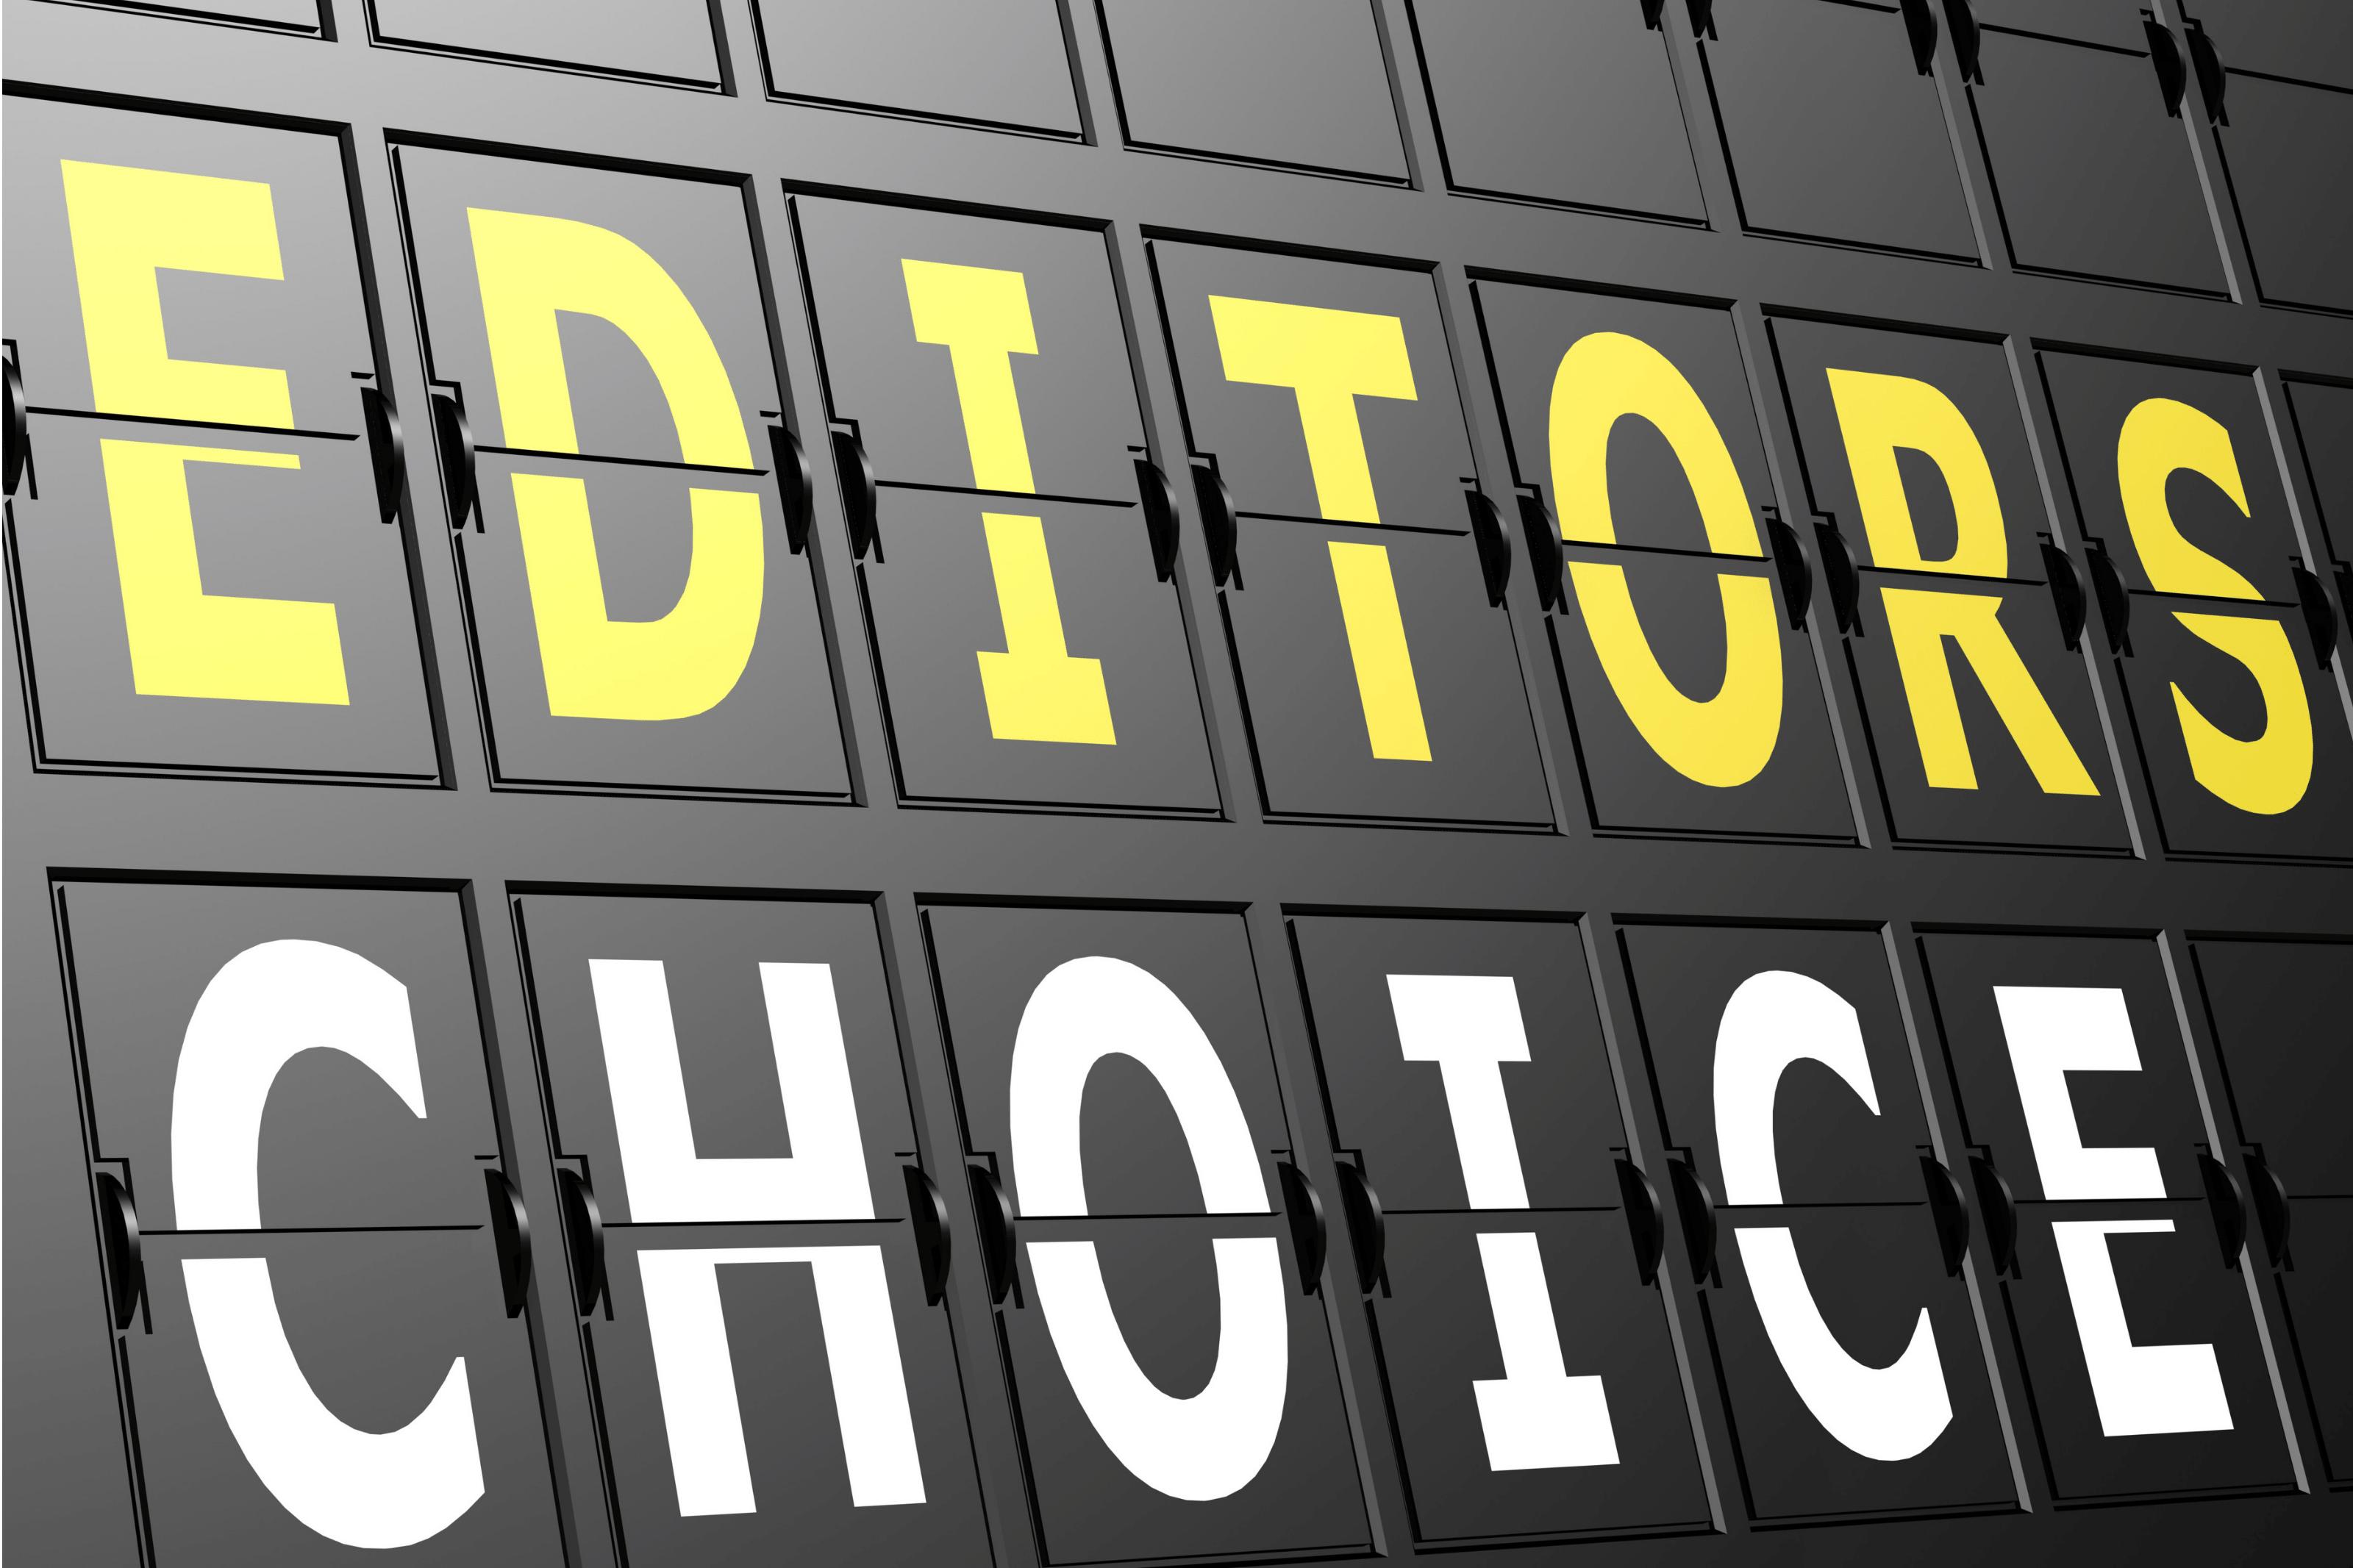 Výběr editora: Máme lídry, které si zasloužíme. Ne které potřebujeme